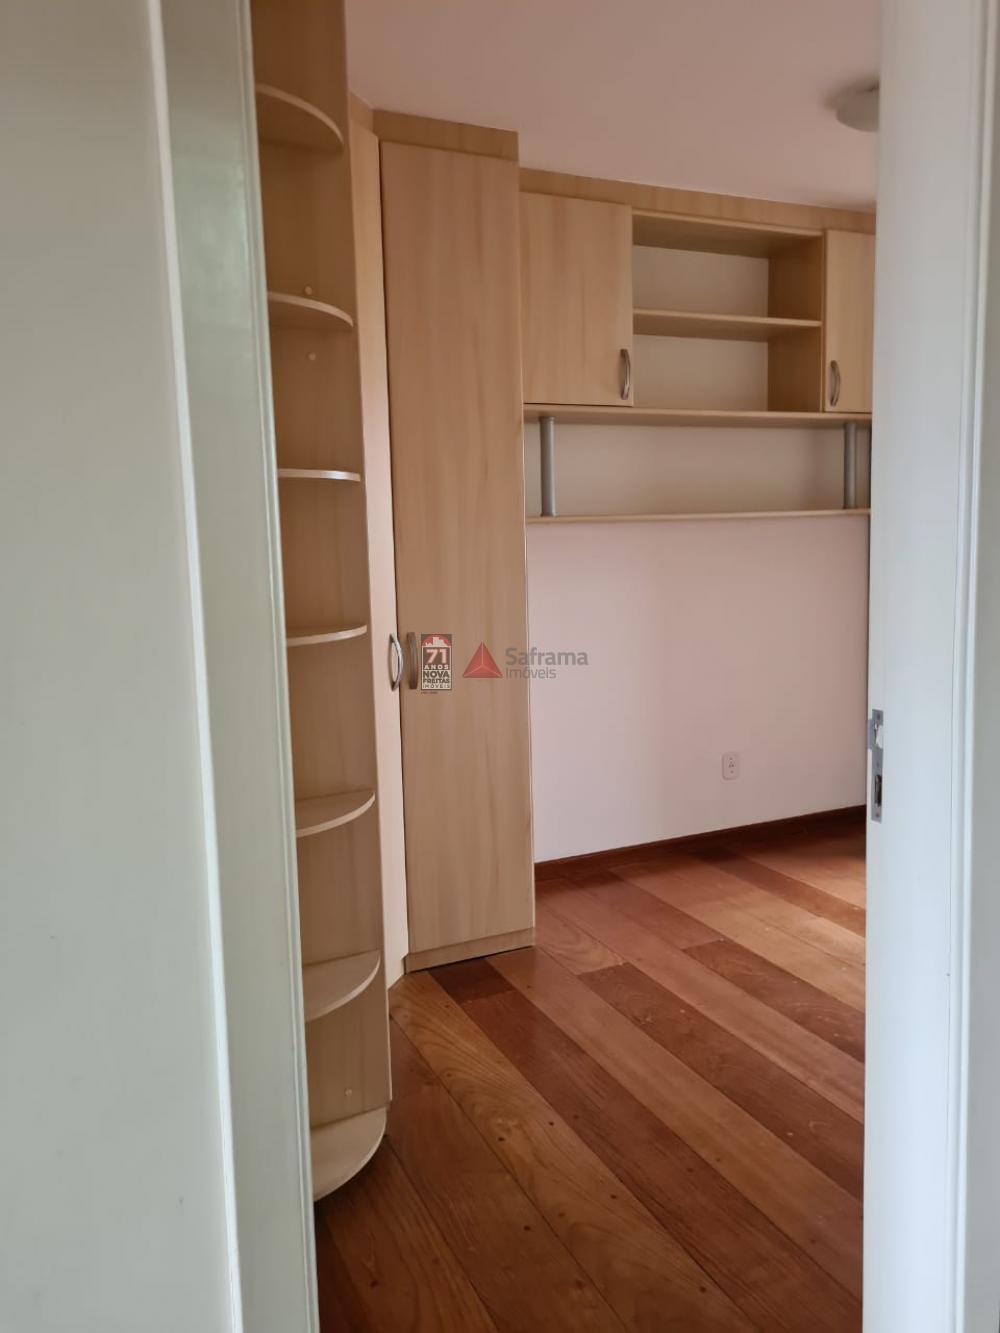 Comprar Apartamento / Padrão em Pindamonhangaba apenas R$ 430.000,00 - Foto 25